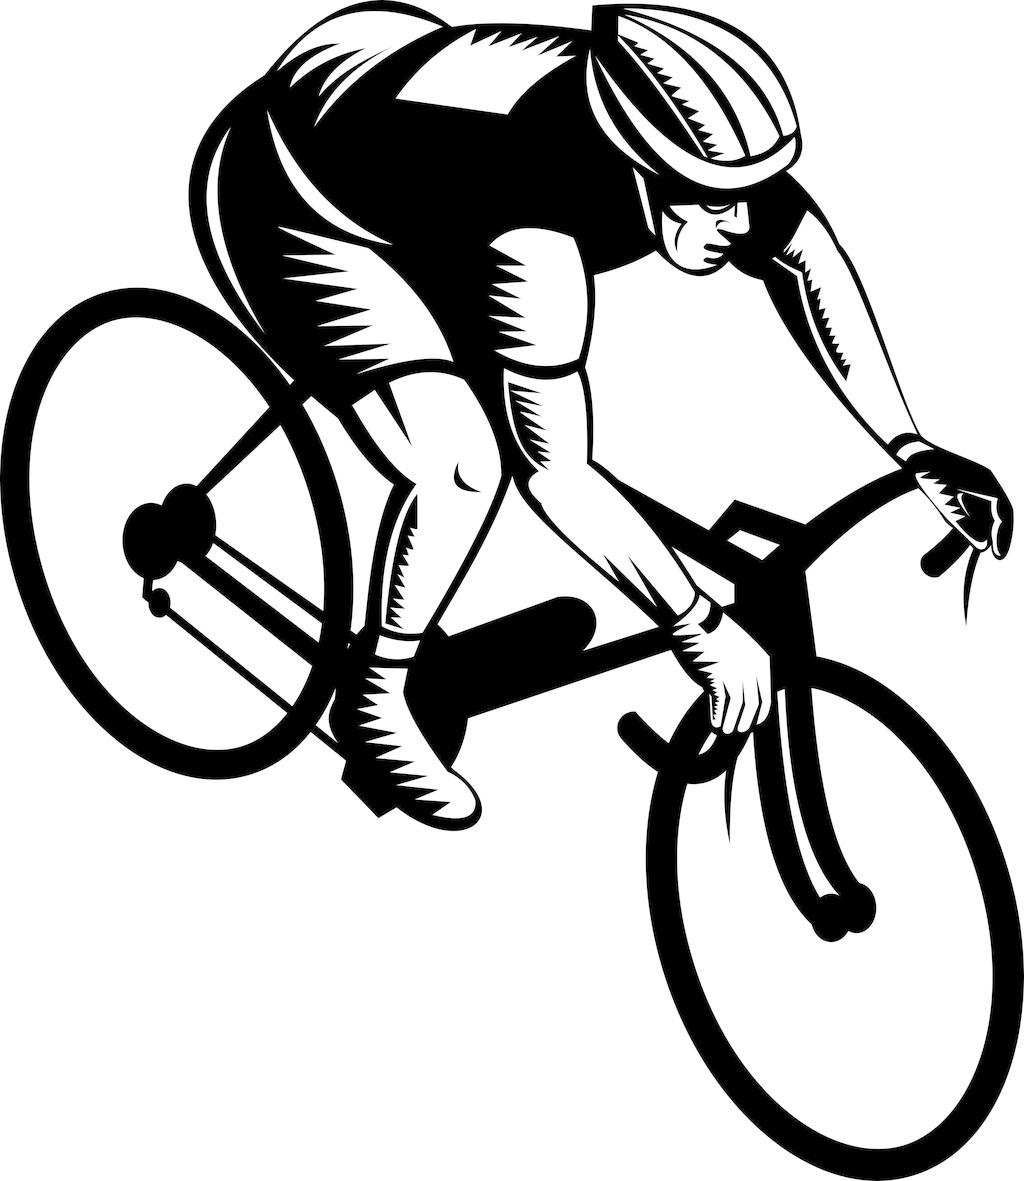 骑自行车的人 骑自行车